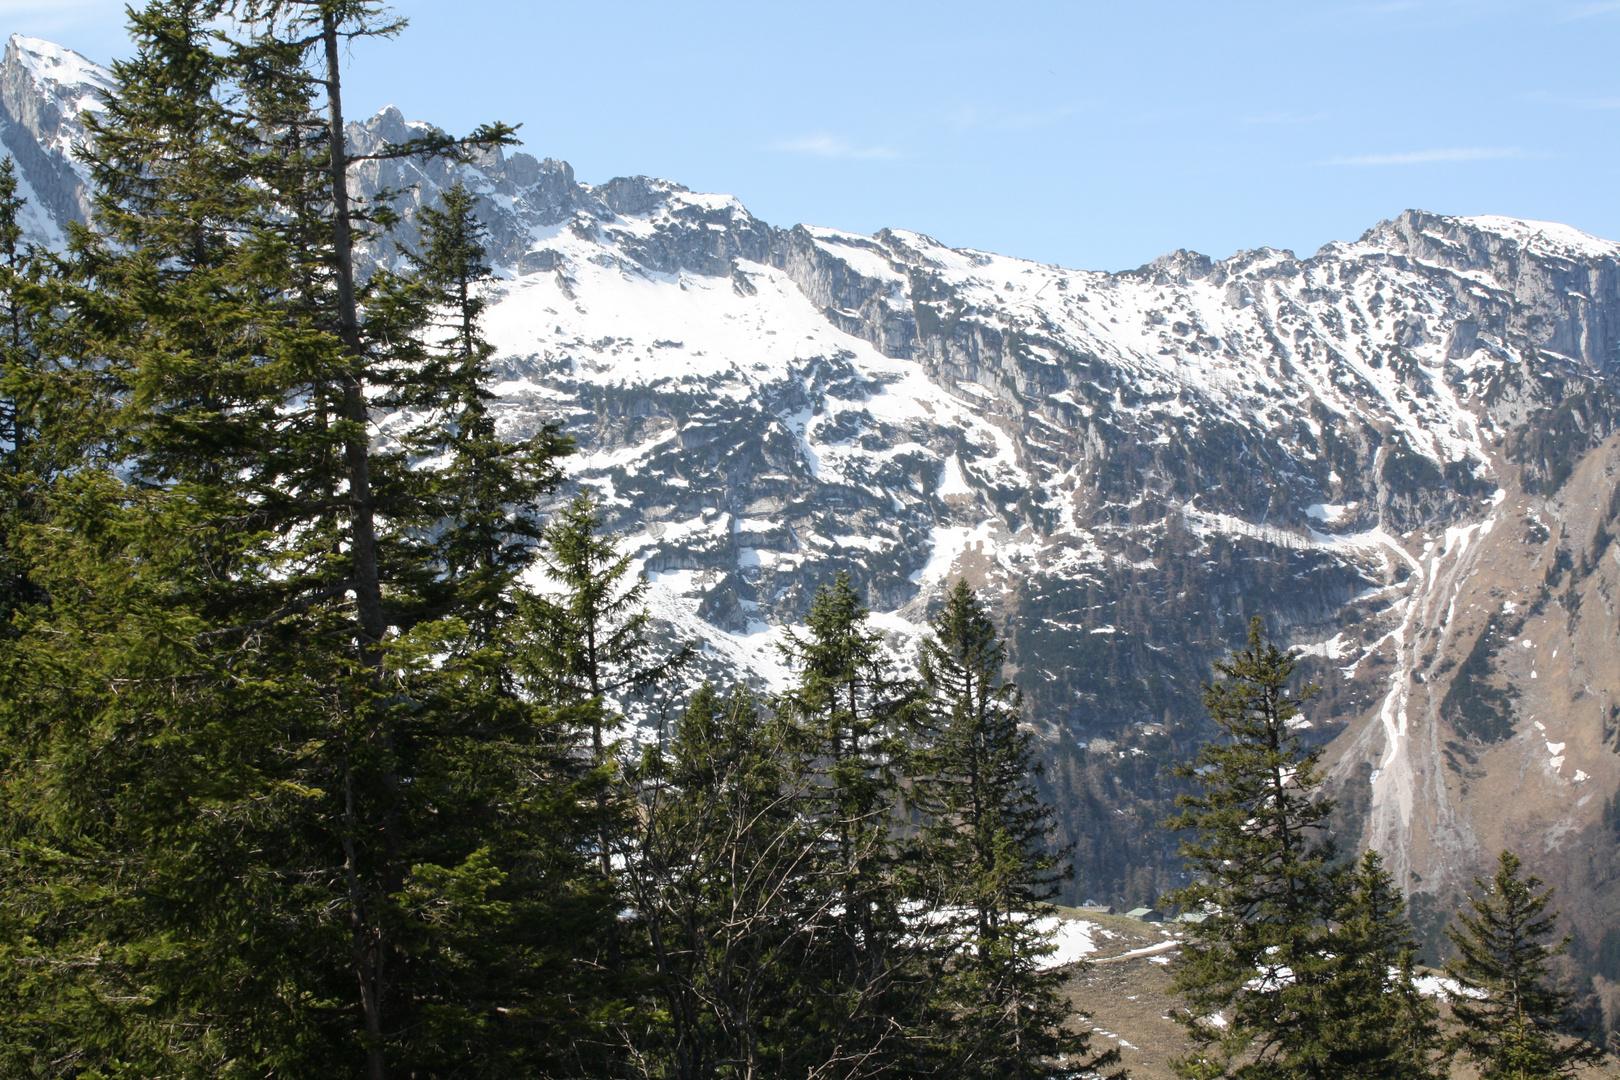 Wald und Berge, was will man mehr